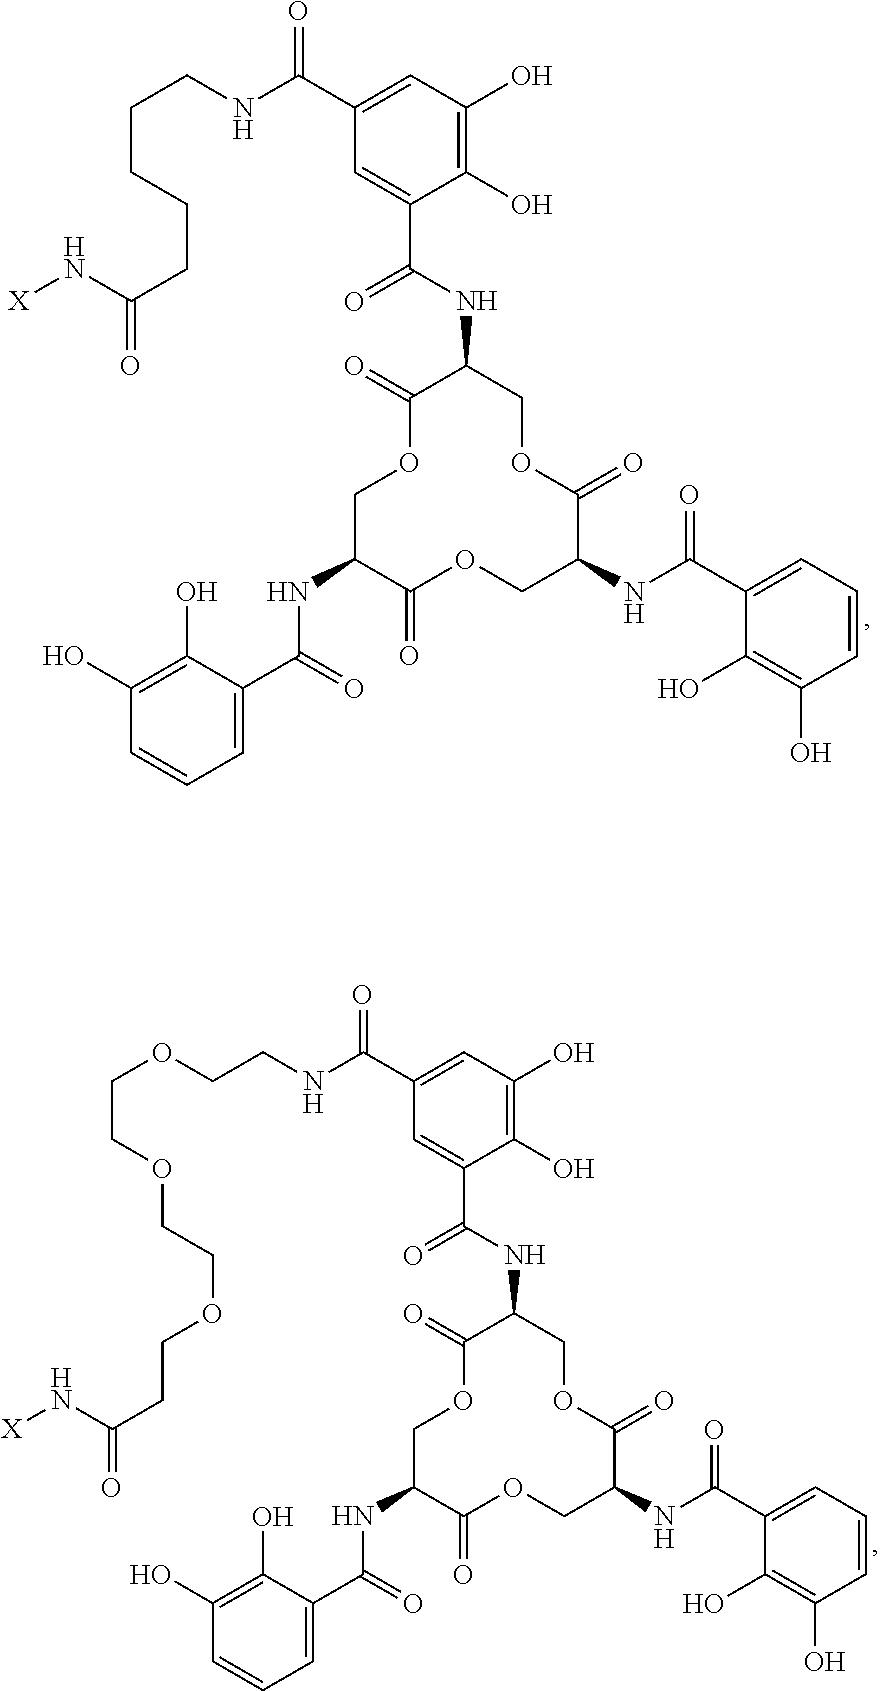 Figure US09902986-20180227-C00039